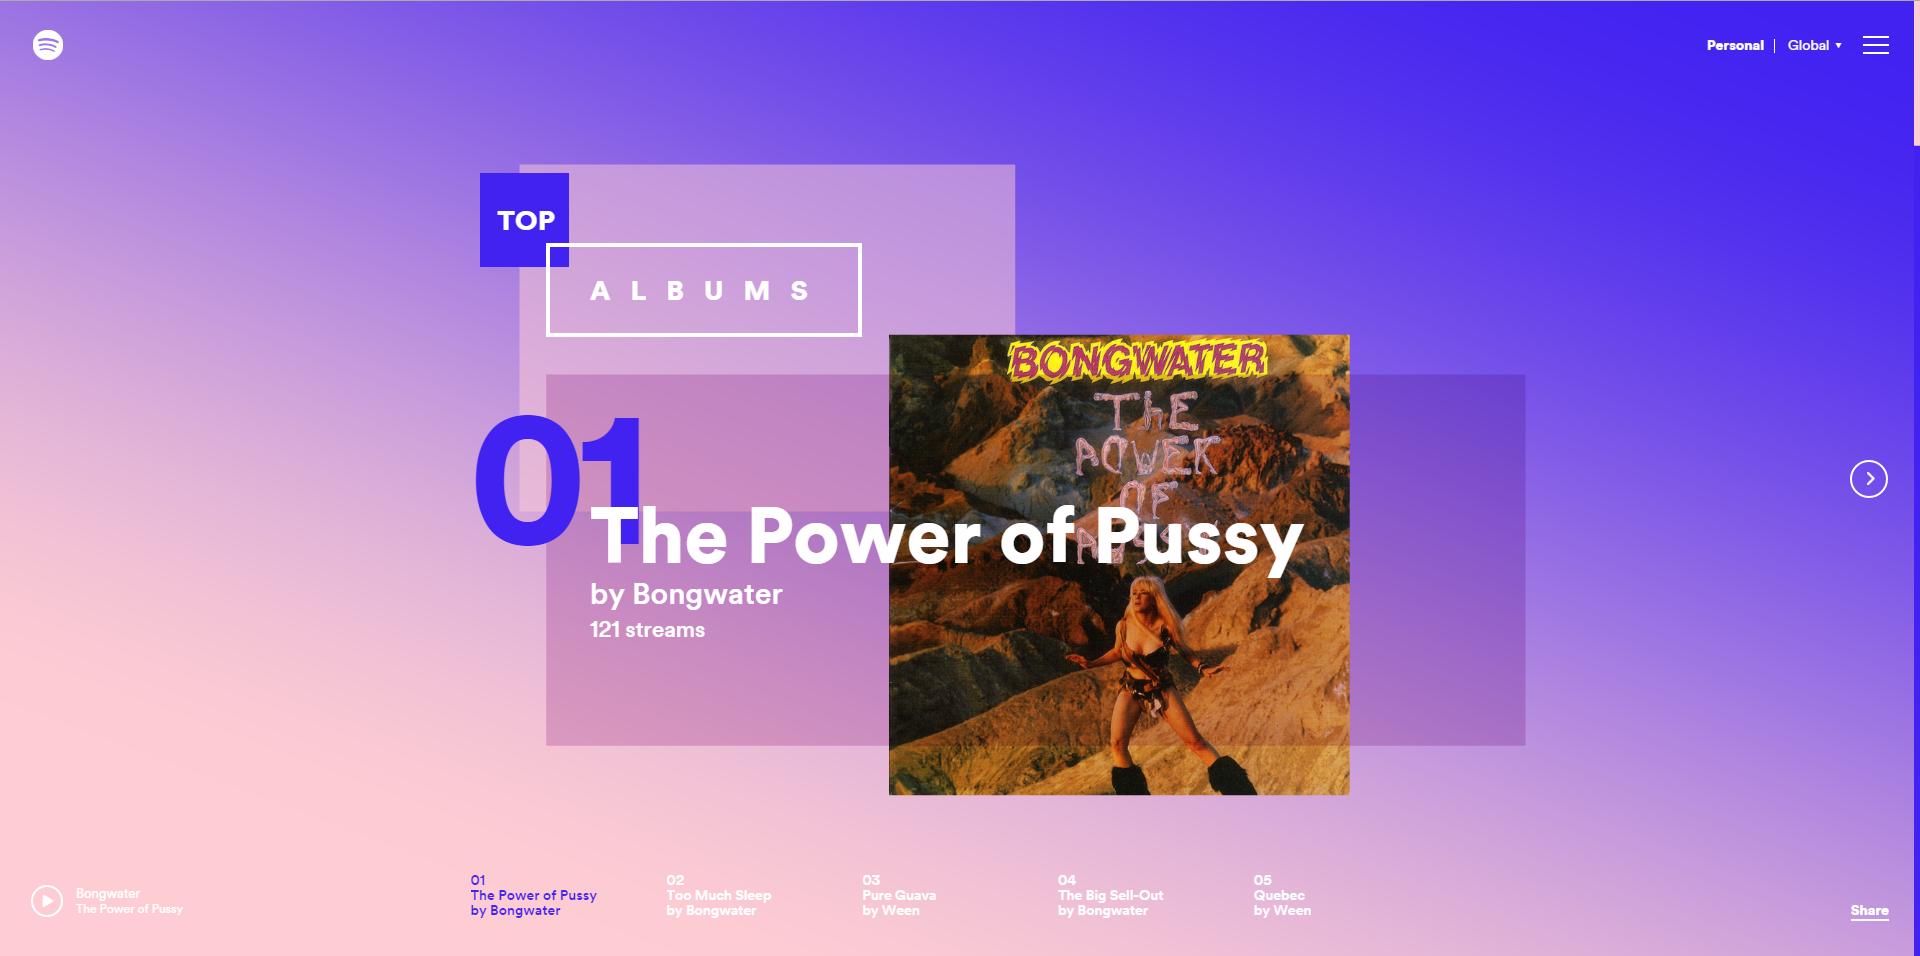 Albums top